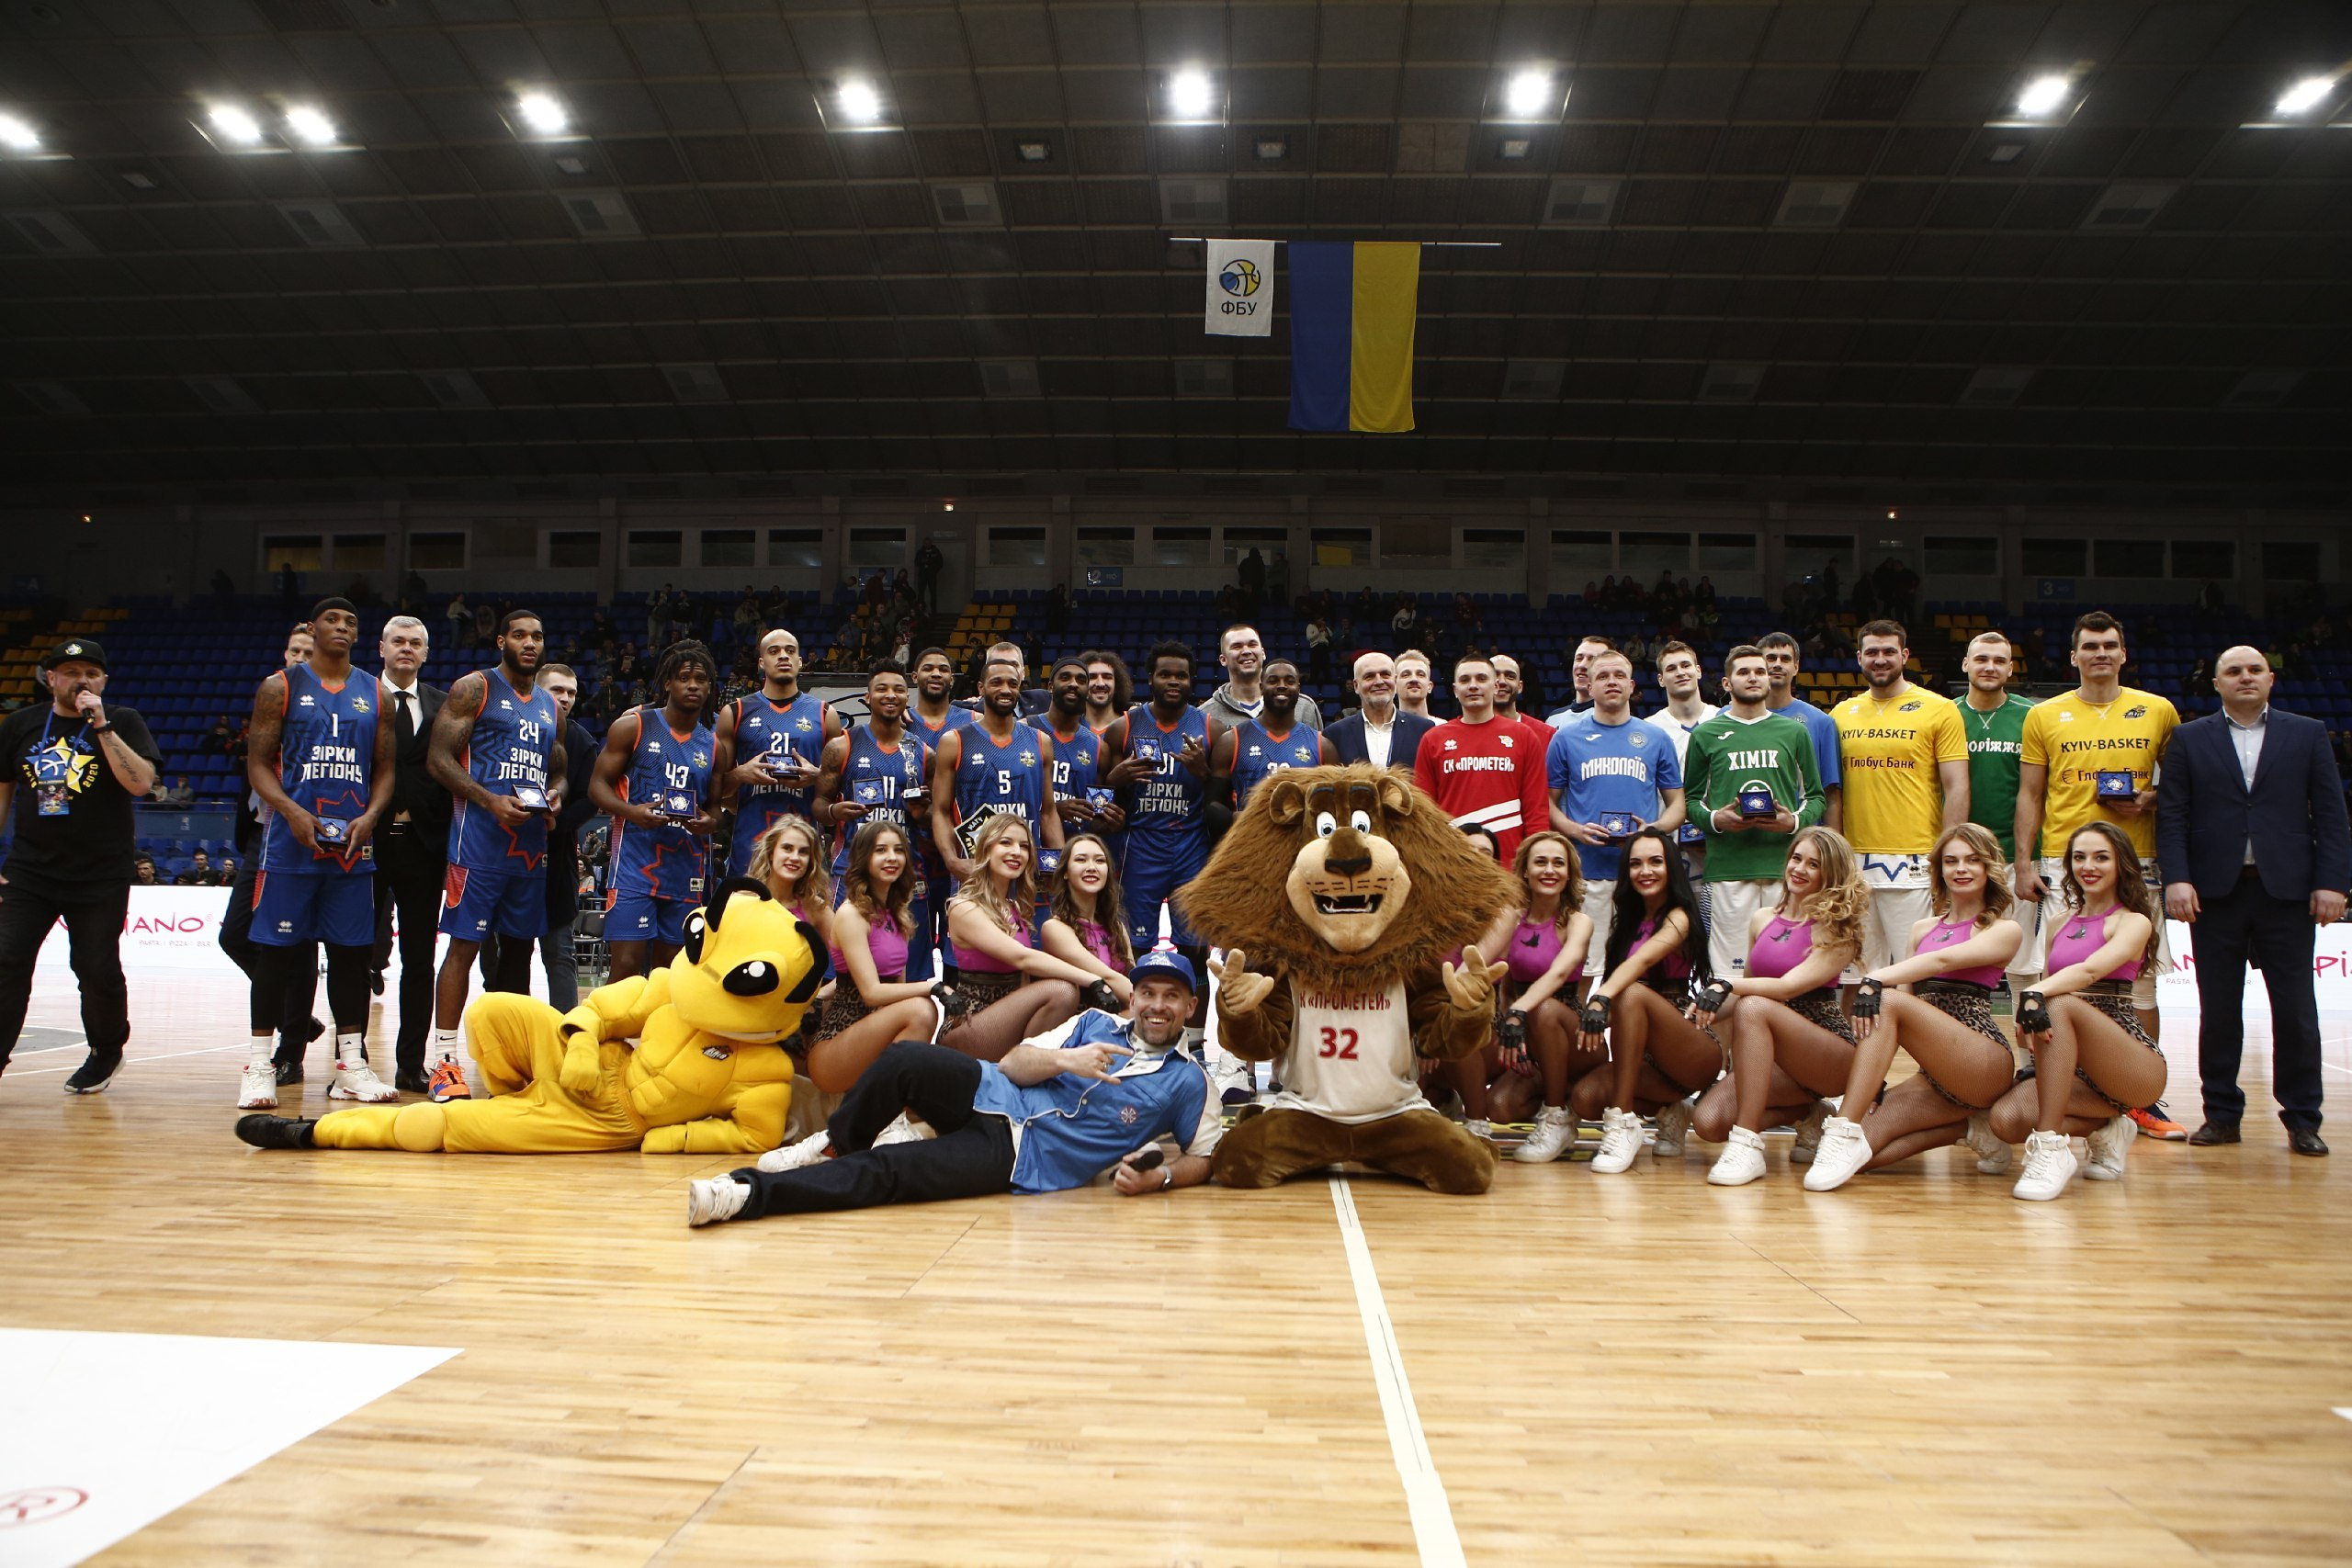 http://i.fbu.kiev.ua/1/33408/2020-02-01%2019.26.17.jpg